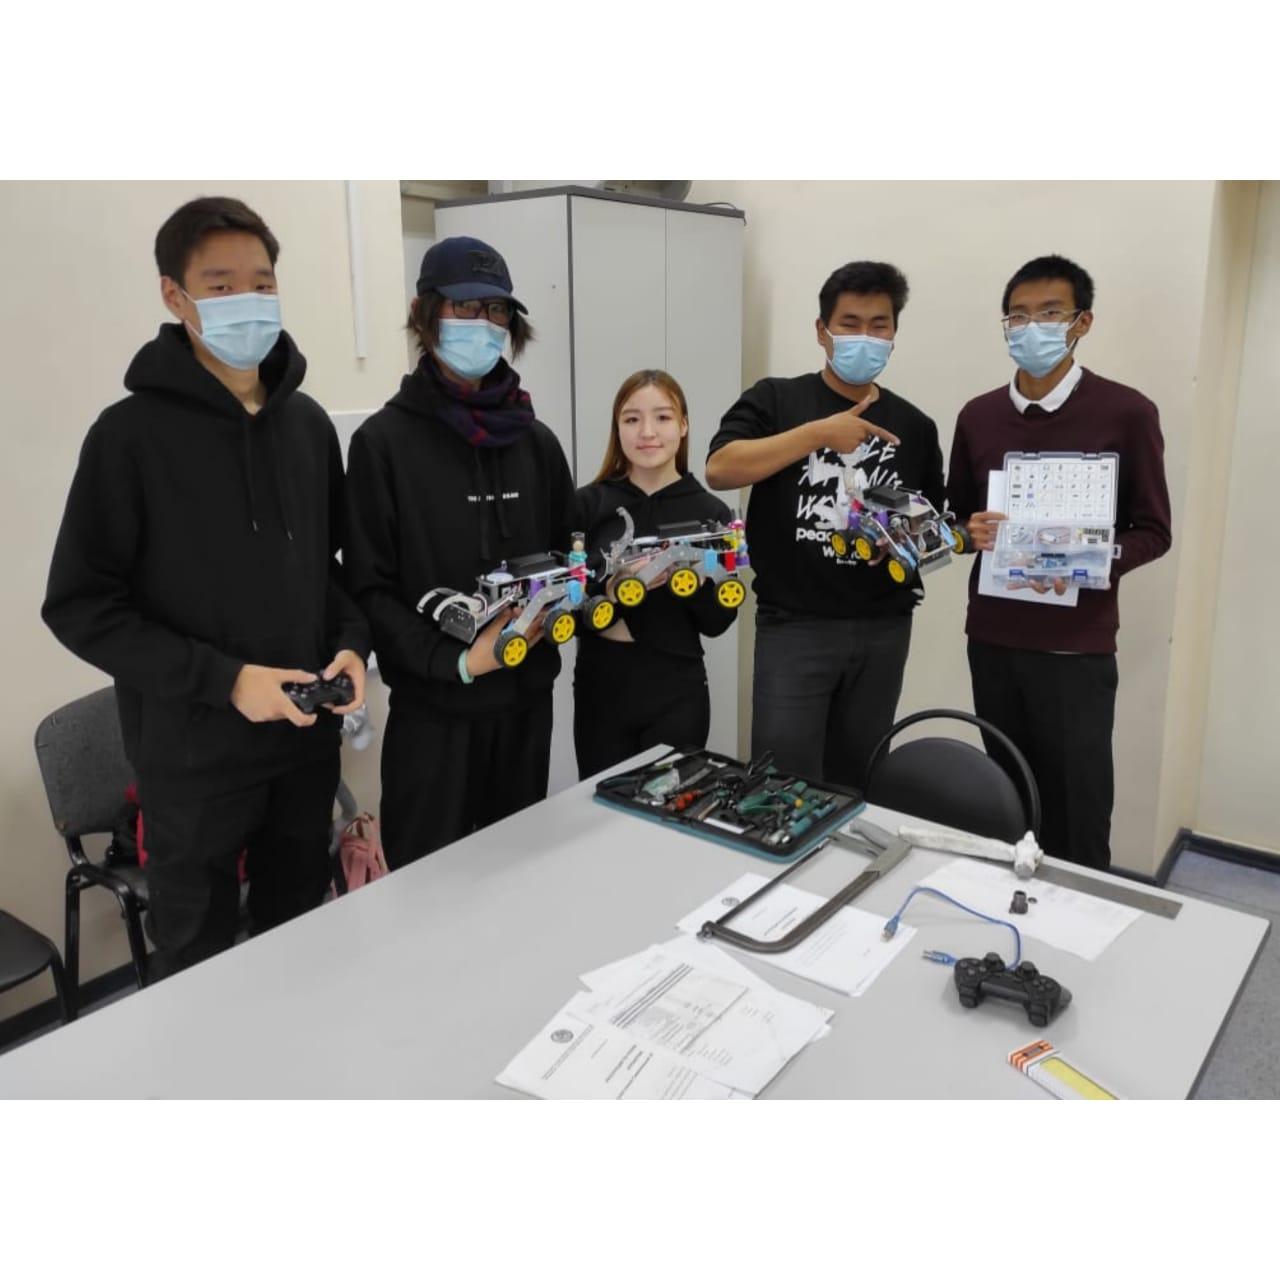 Команда АГАТУ выиграла конкурс видеороликов Всероссийского конкурса «Дальневосточный IT-ХАБ»